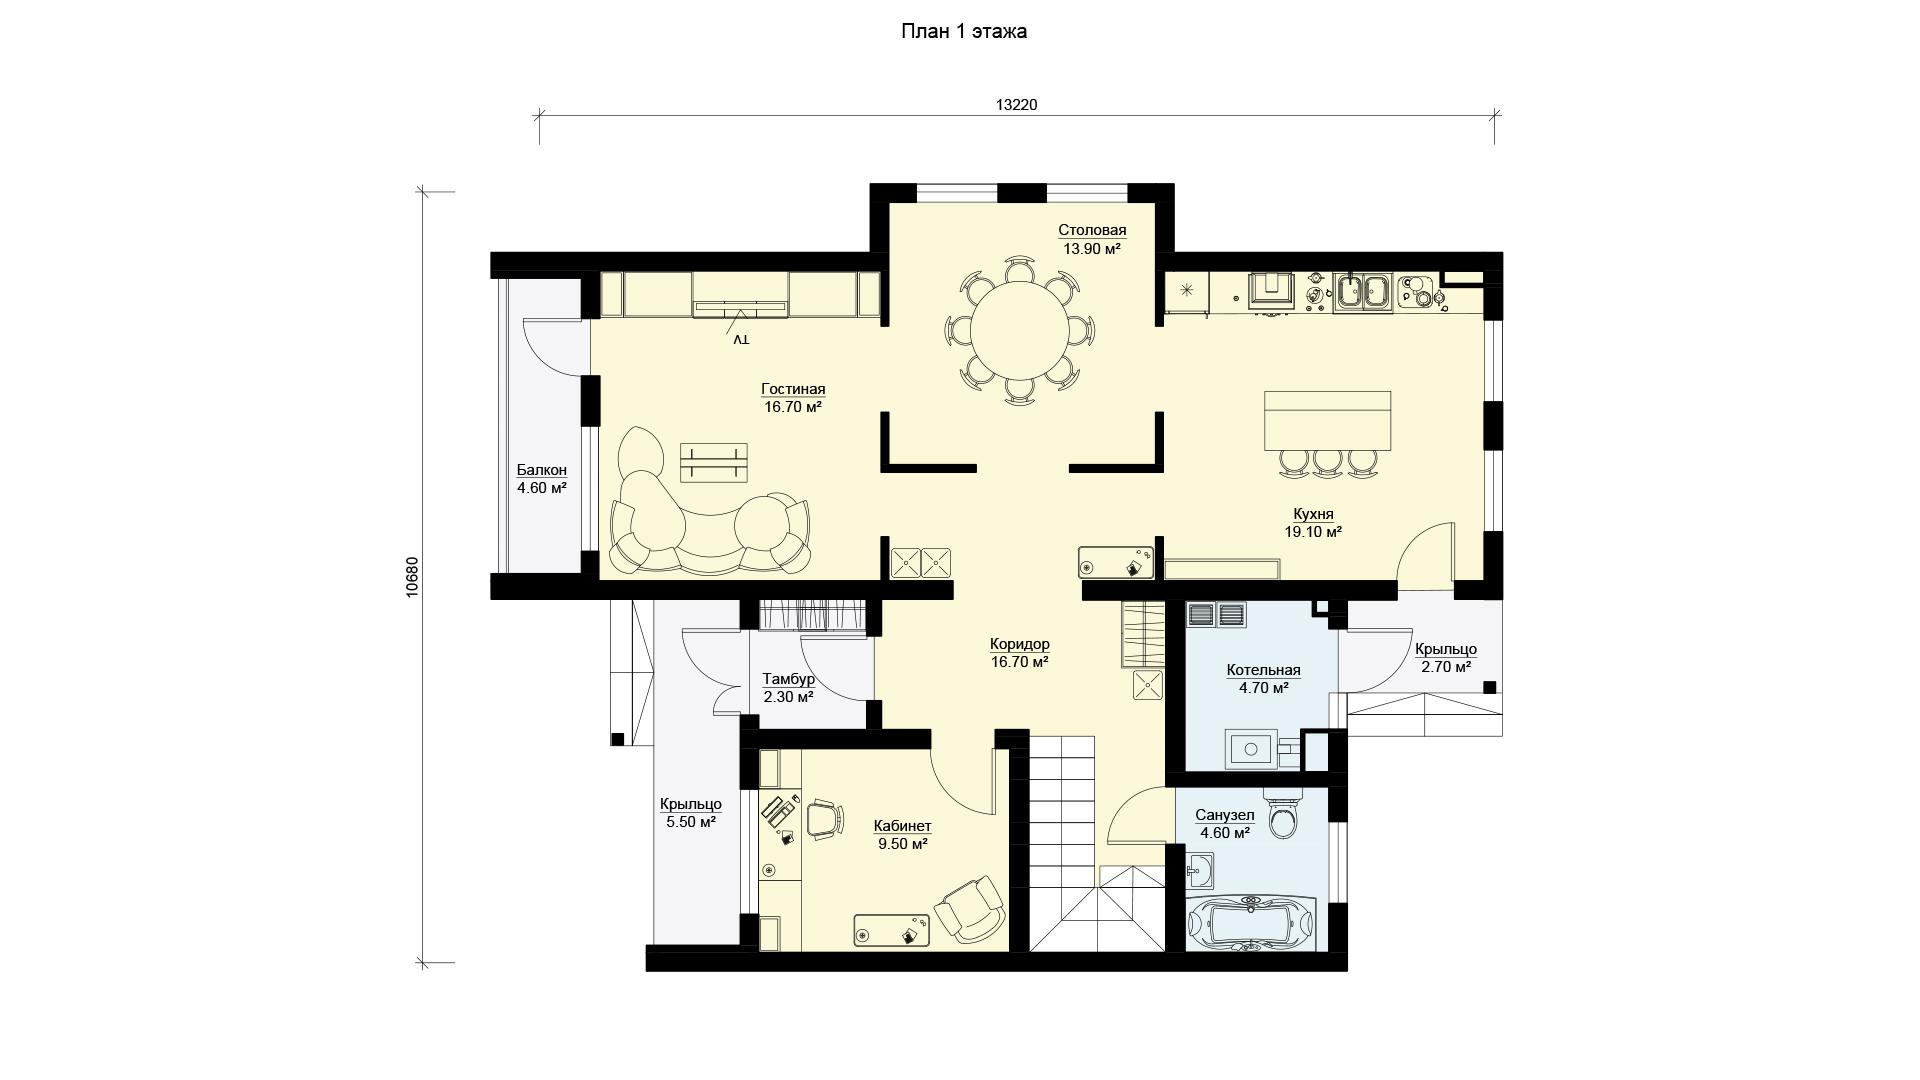 План первого этажа двухэтажного загородного дома БЭНПАН, проект МС-253/1.